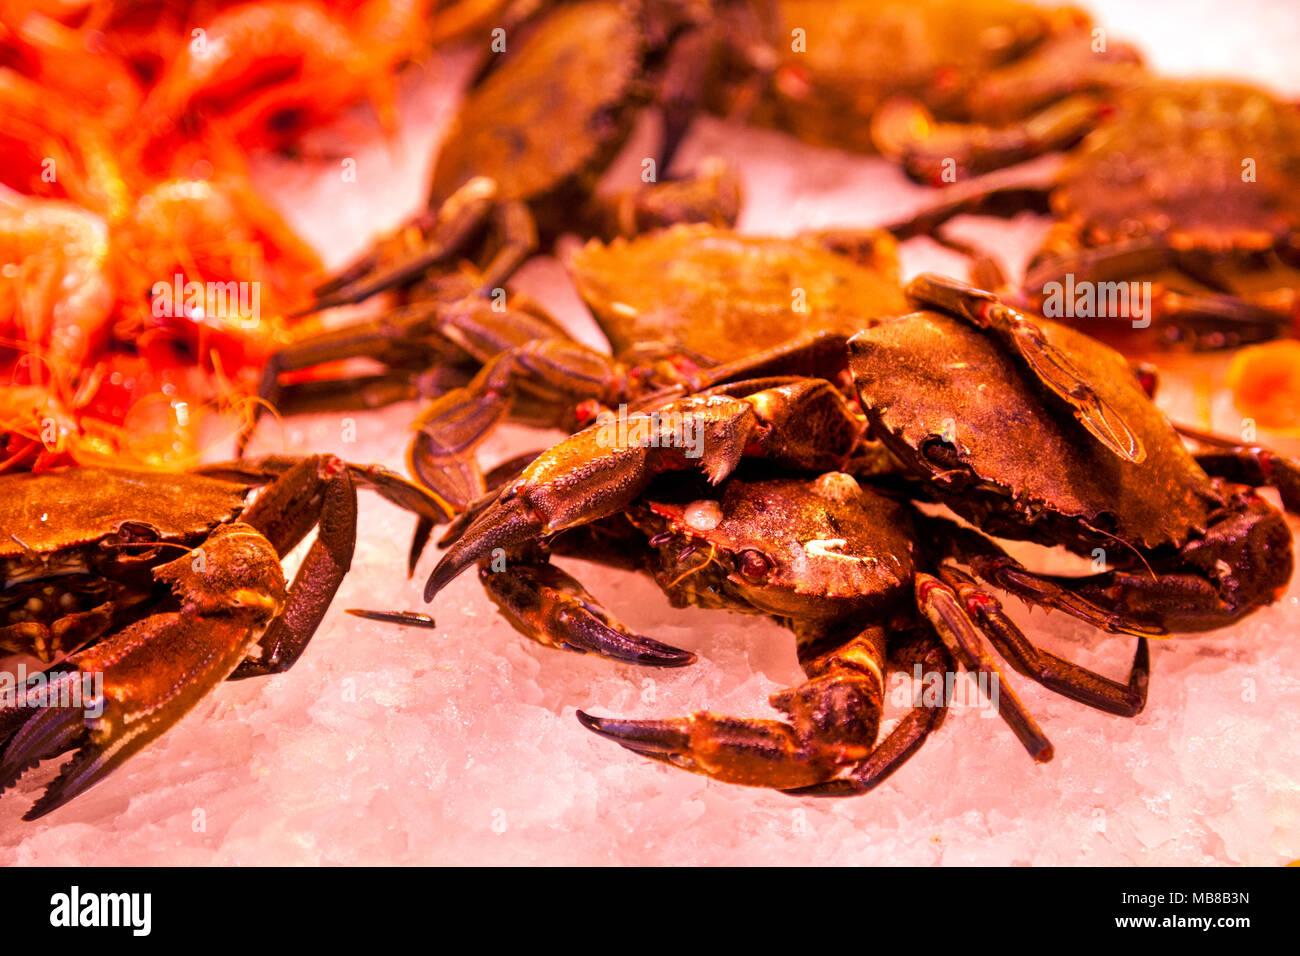 Fresh crab on ice at a market (La Boqueria Market in Barcelona, Spain) - Stock Image